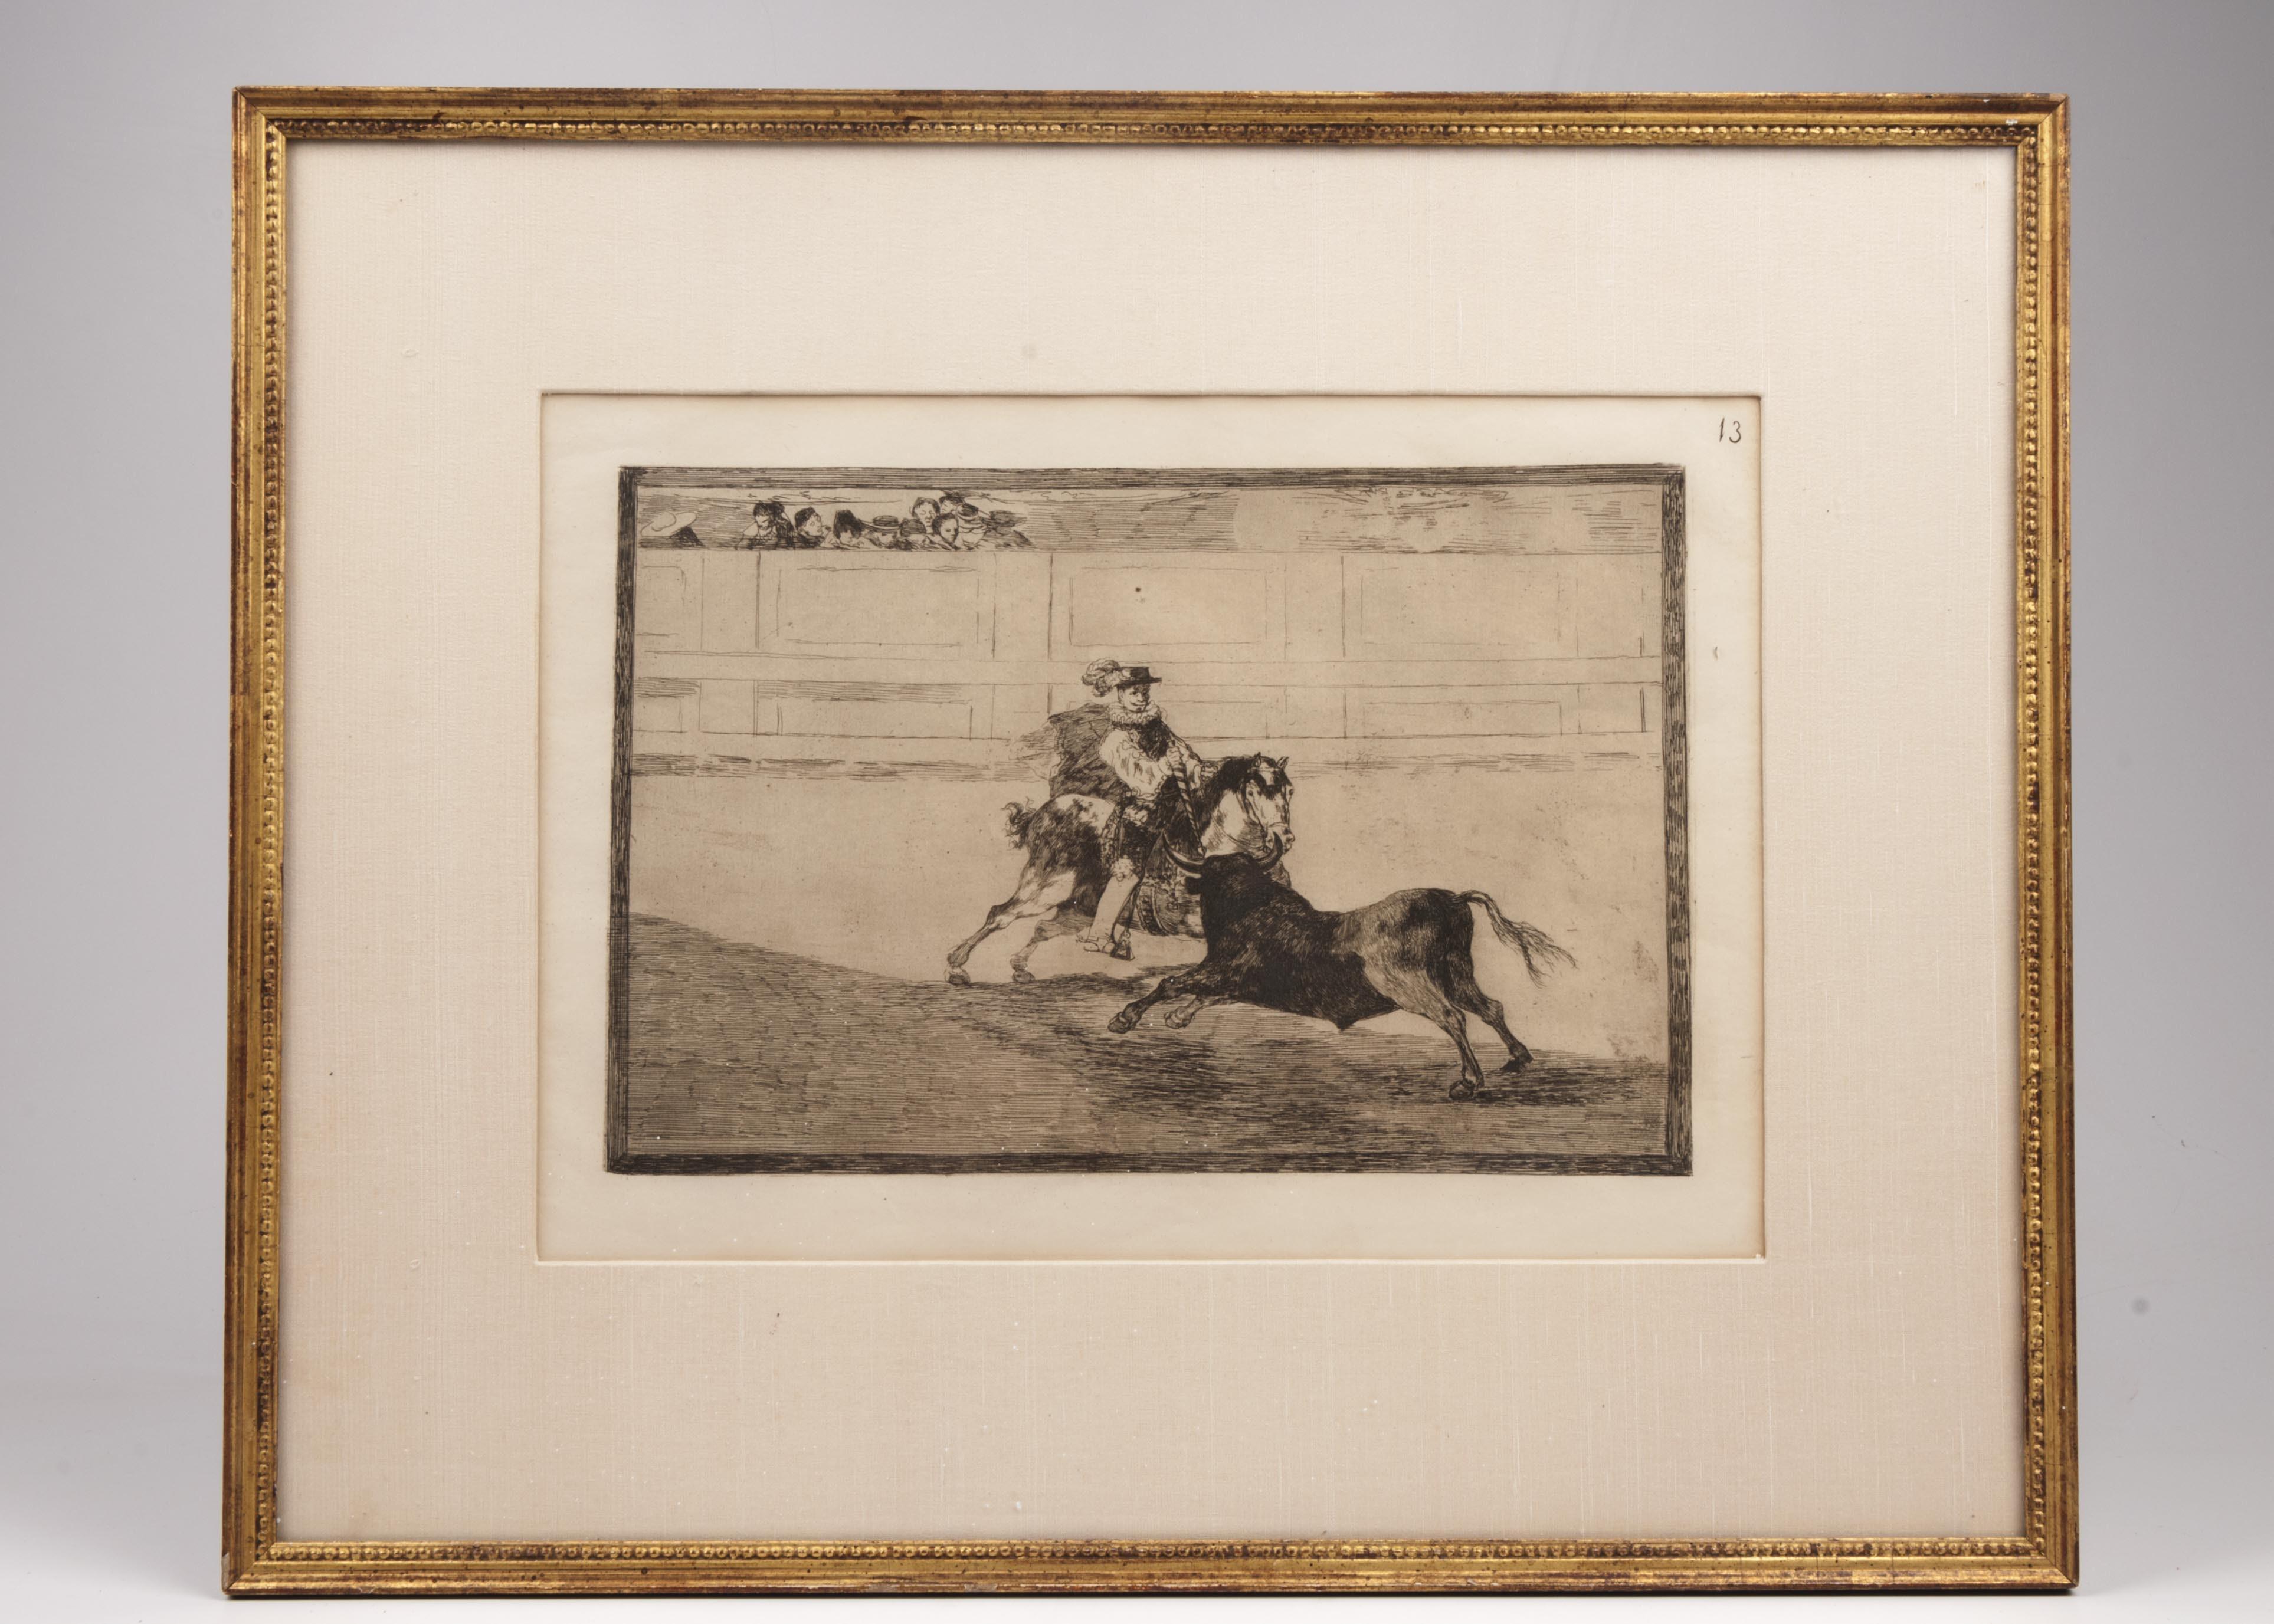 """Francisco Goya y Lucientes Etching, """"Un Caballero Espanol en Plaza Quebrando Rejoncillos sin Auxilio de los Chulos"""" Fourth State"""